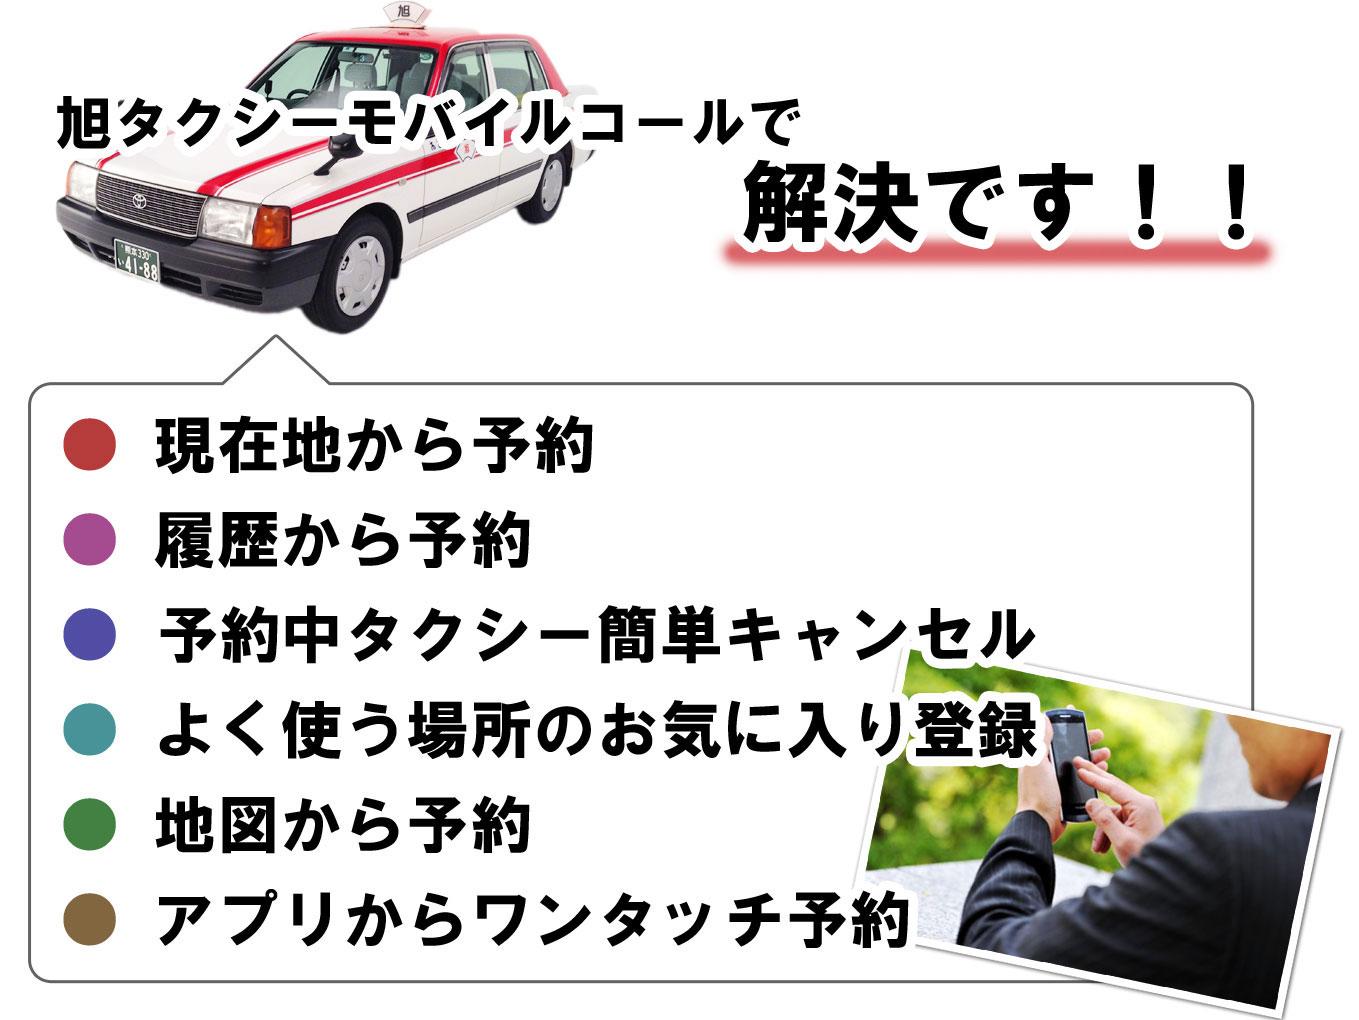 旭タクシーモバイルコールで解決